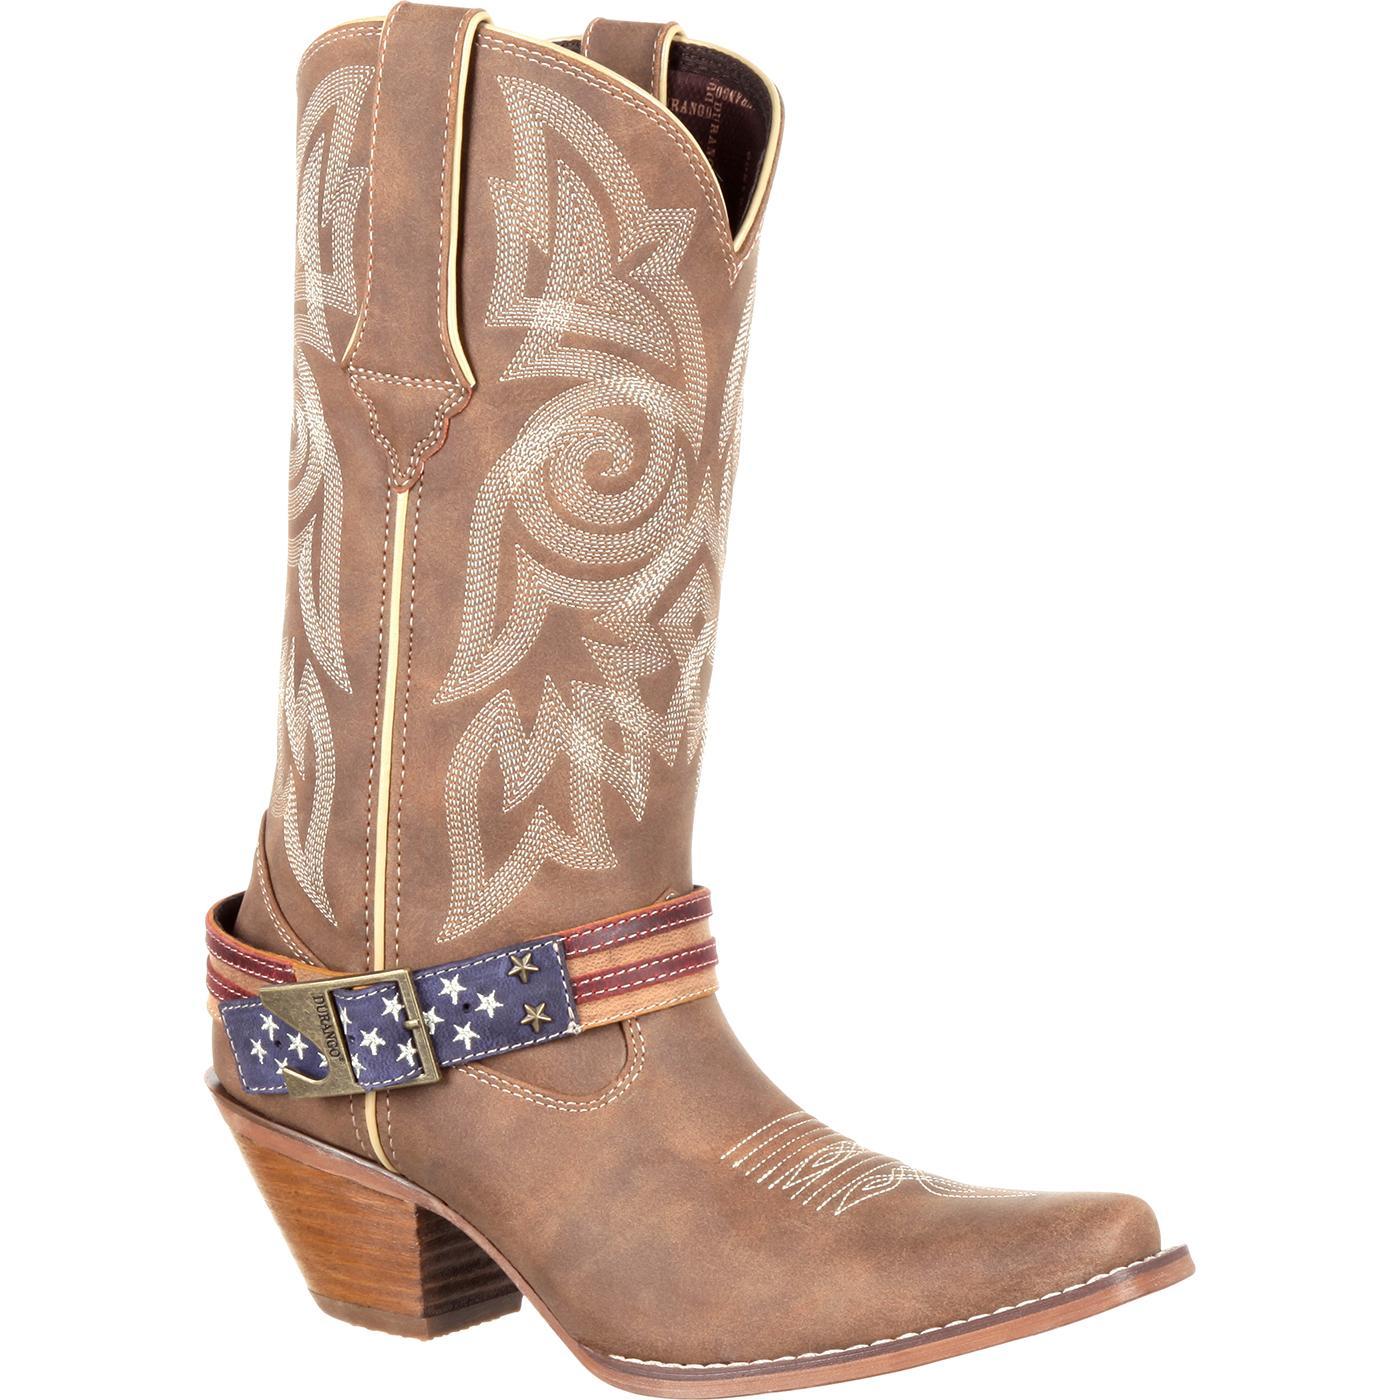 Cool Womenu0026#39;s Durangou00ae 11u0026quot; Western Accent Boots - 95923 Cowboy U0026 Western Boots At Sportsmanu0026#39;s Guide